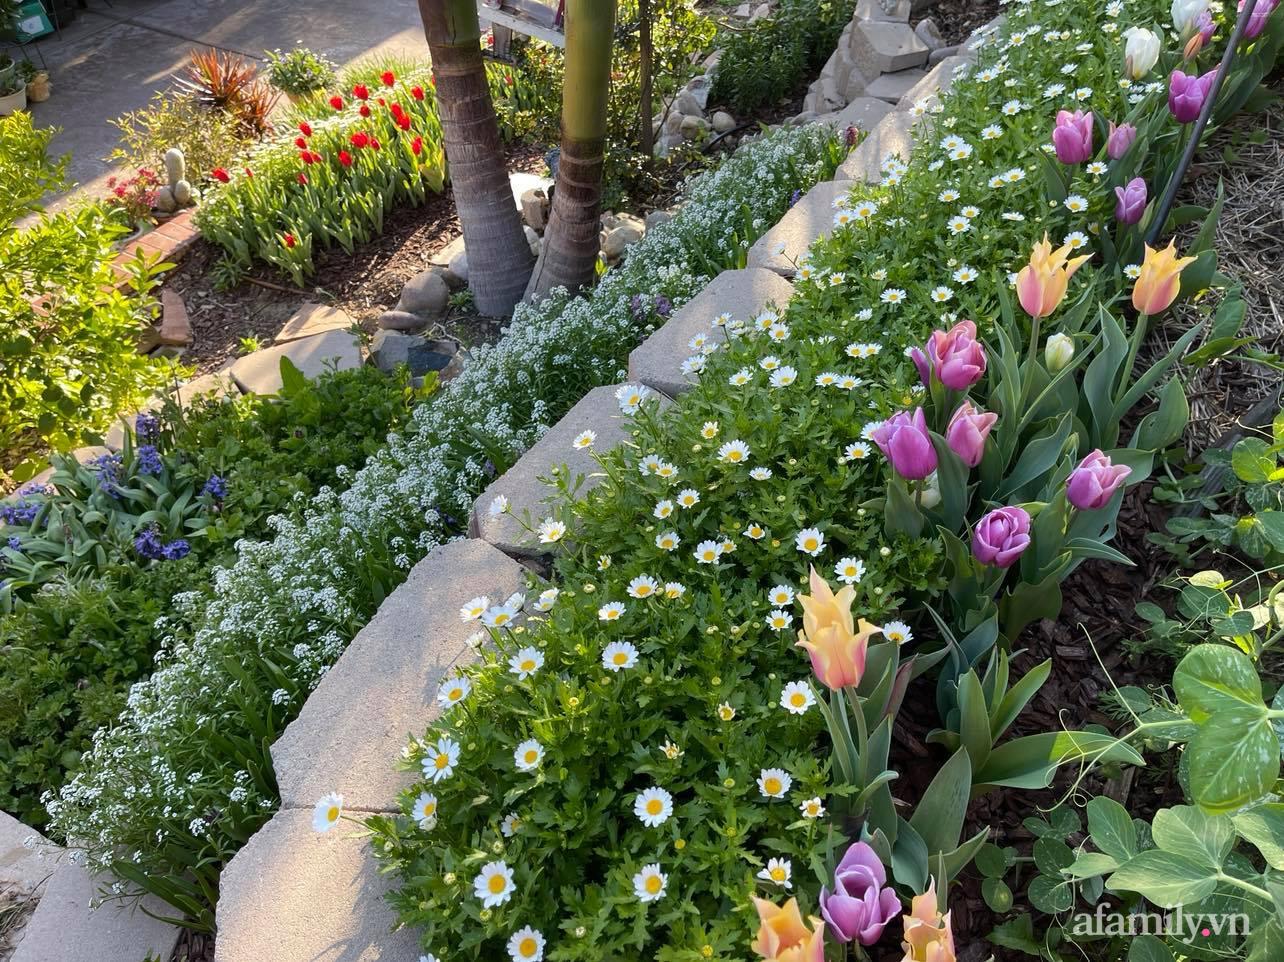 Khu vườn 750m² muôn hoa khoe sắc tỏa hương của mẹ Việt thức đêm chăm cây ở Mỹ - Ảnh 8.